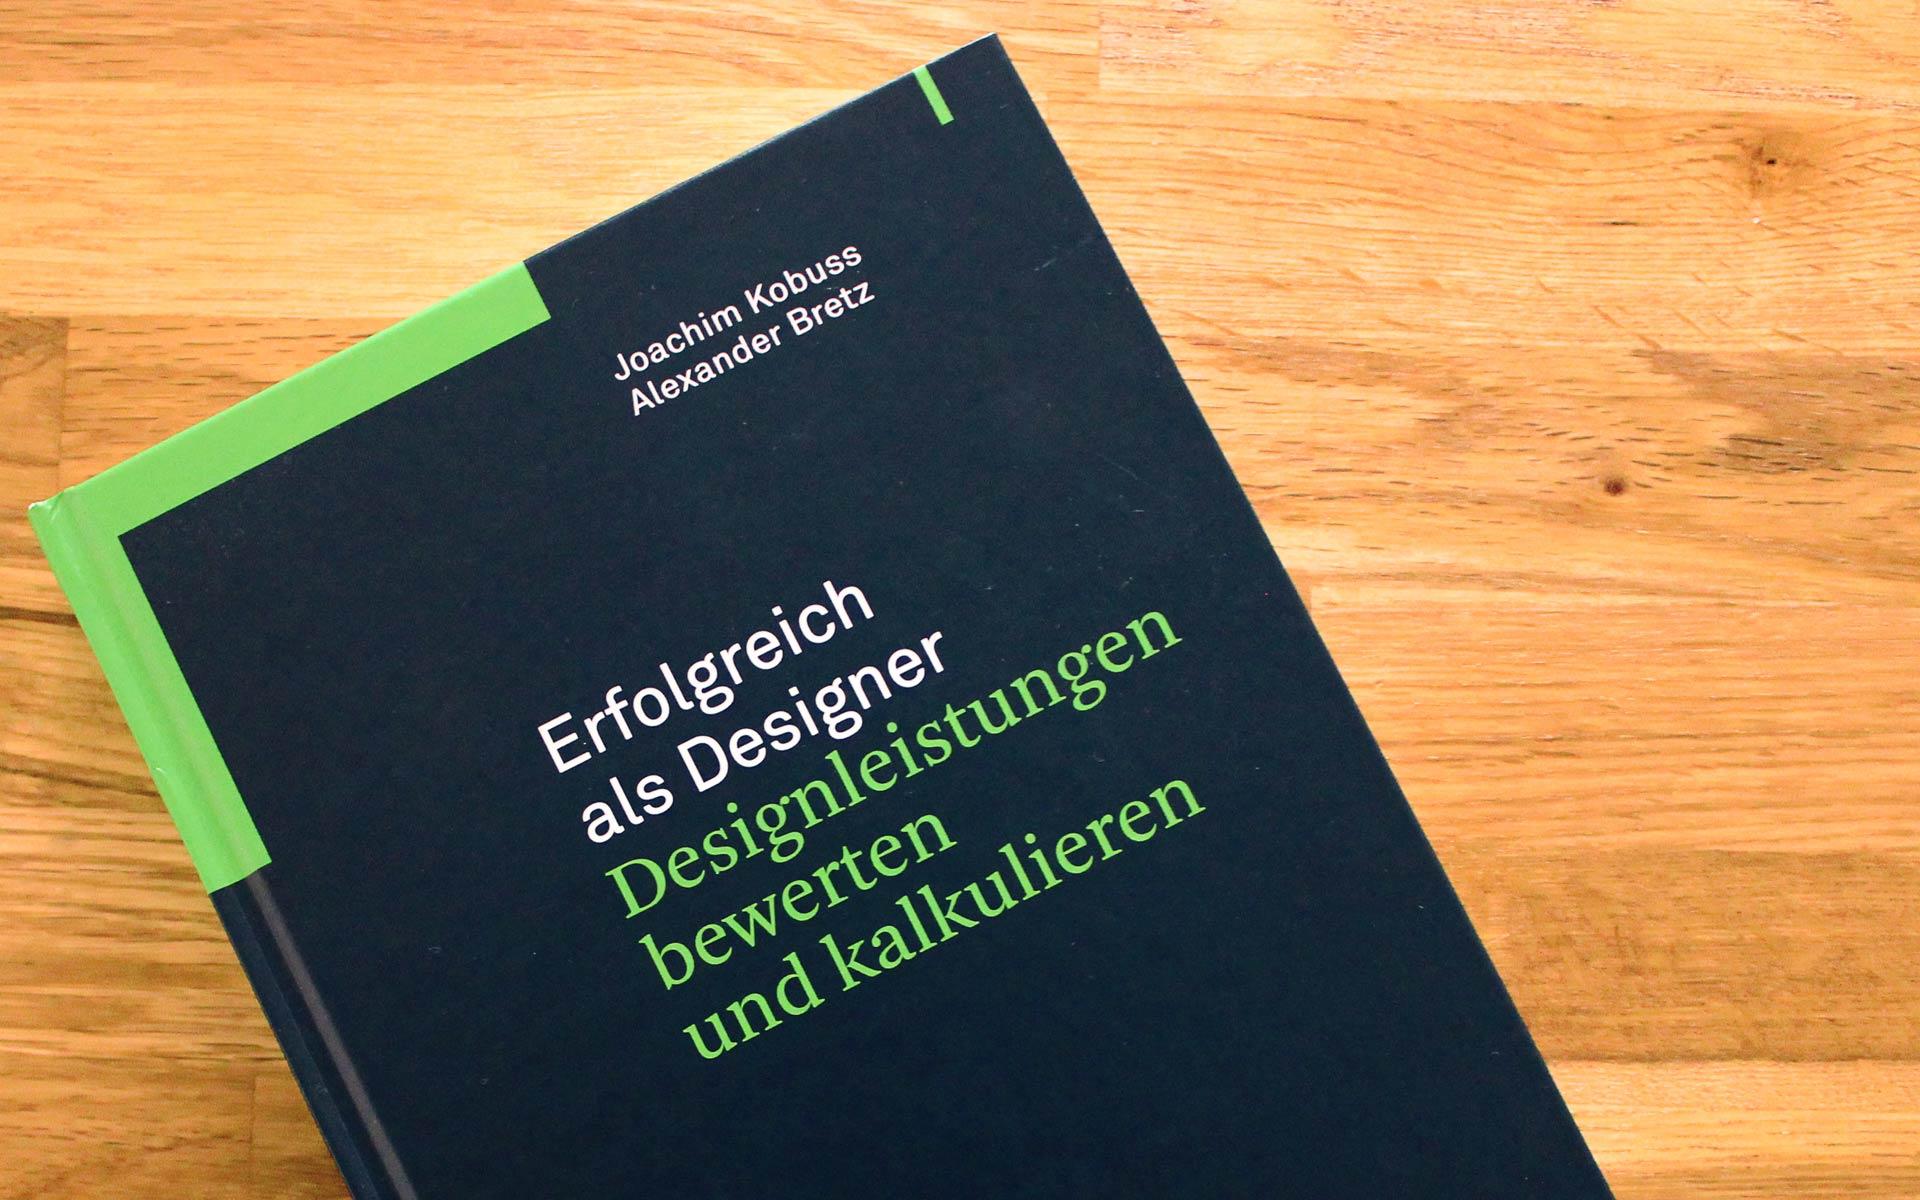 matter of design, buch, review, Erfolgreich als Designer, Designleistungen bewerten und kalkulieren, Joachim Kobuss, Alexander Bretz, marke, markensteuerung, markenführung, marketing, menschen, wissen, design, designleistungen, kalkulation